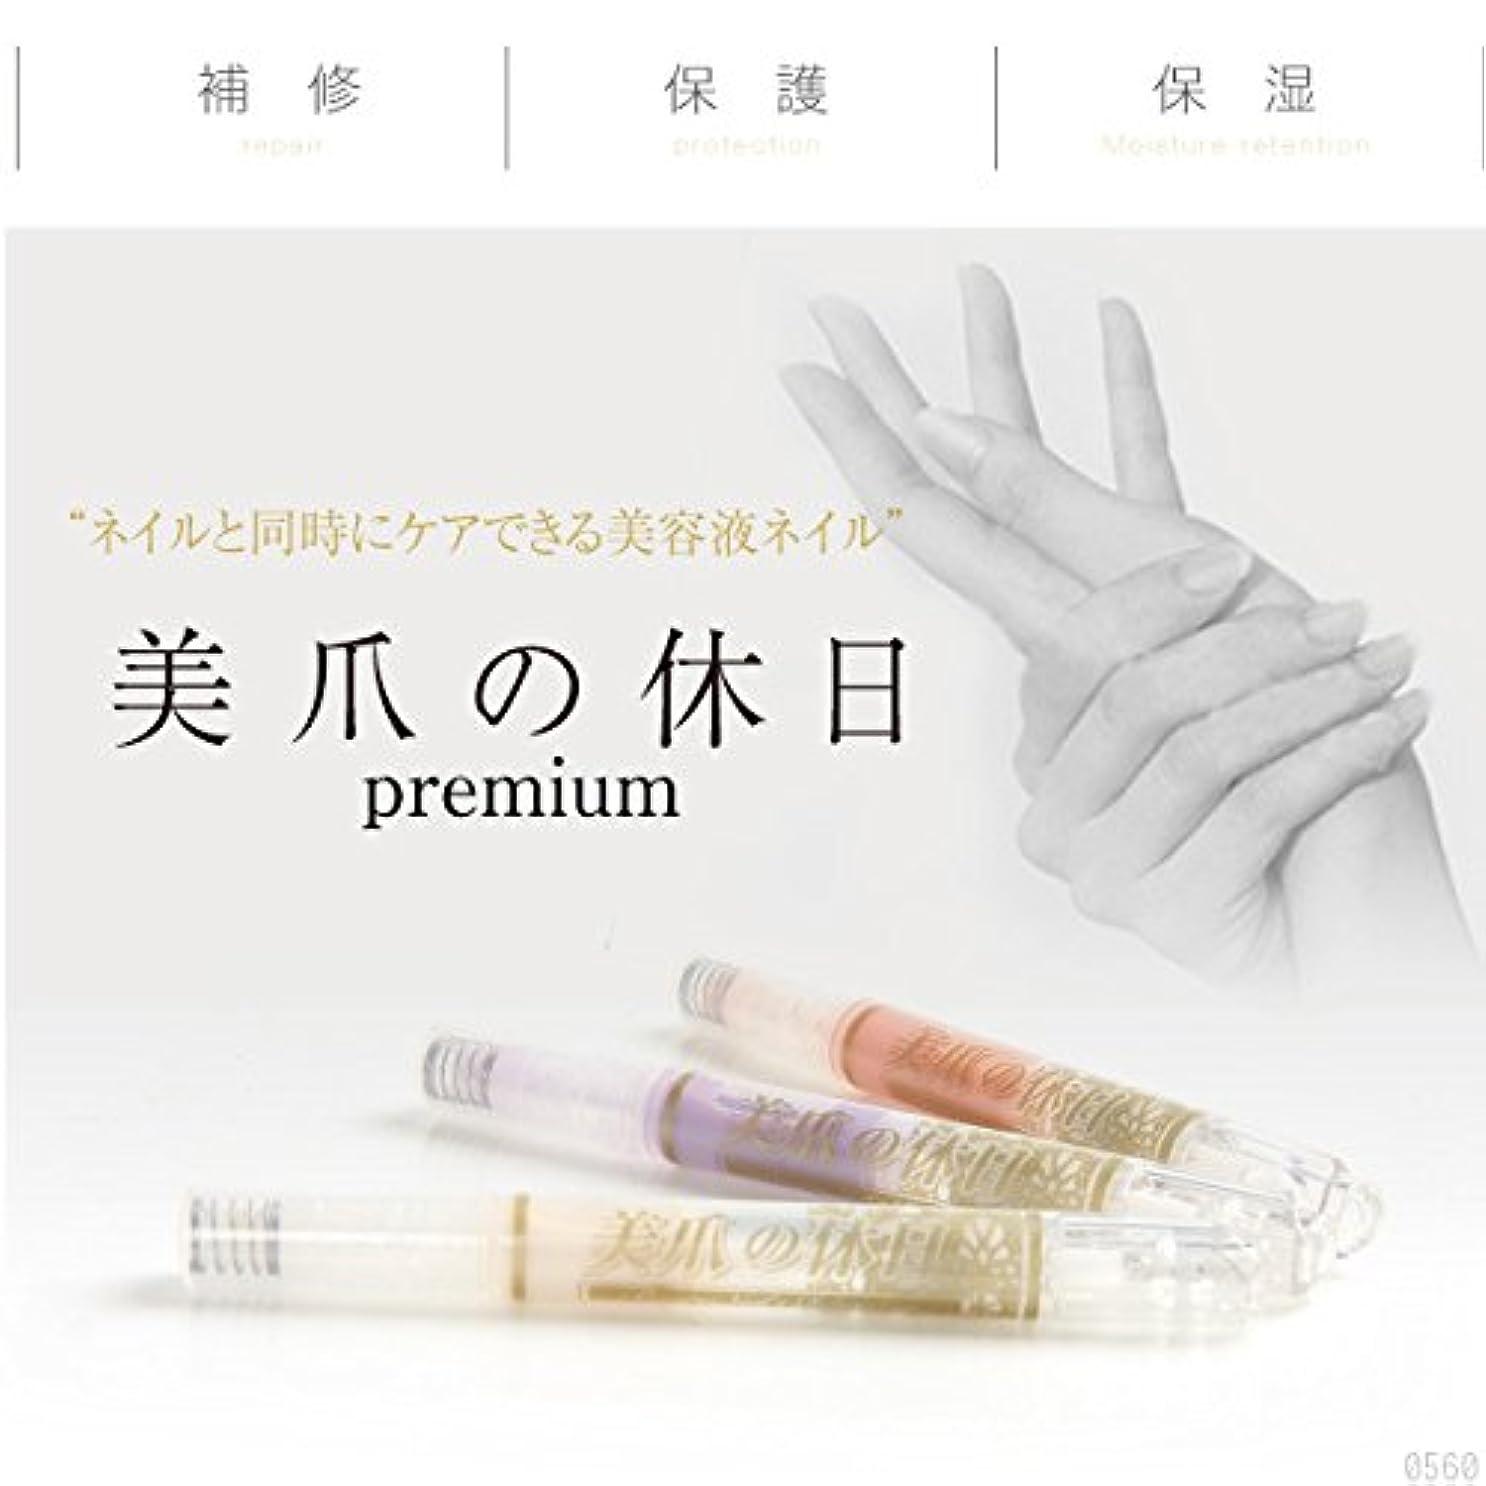 ハンディローラーキウイネイル美容液 美爪の休日プレミアム サーモンピンク3個セット